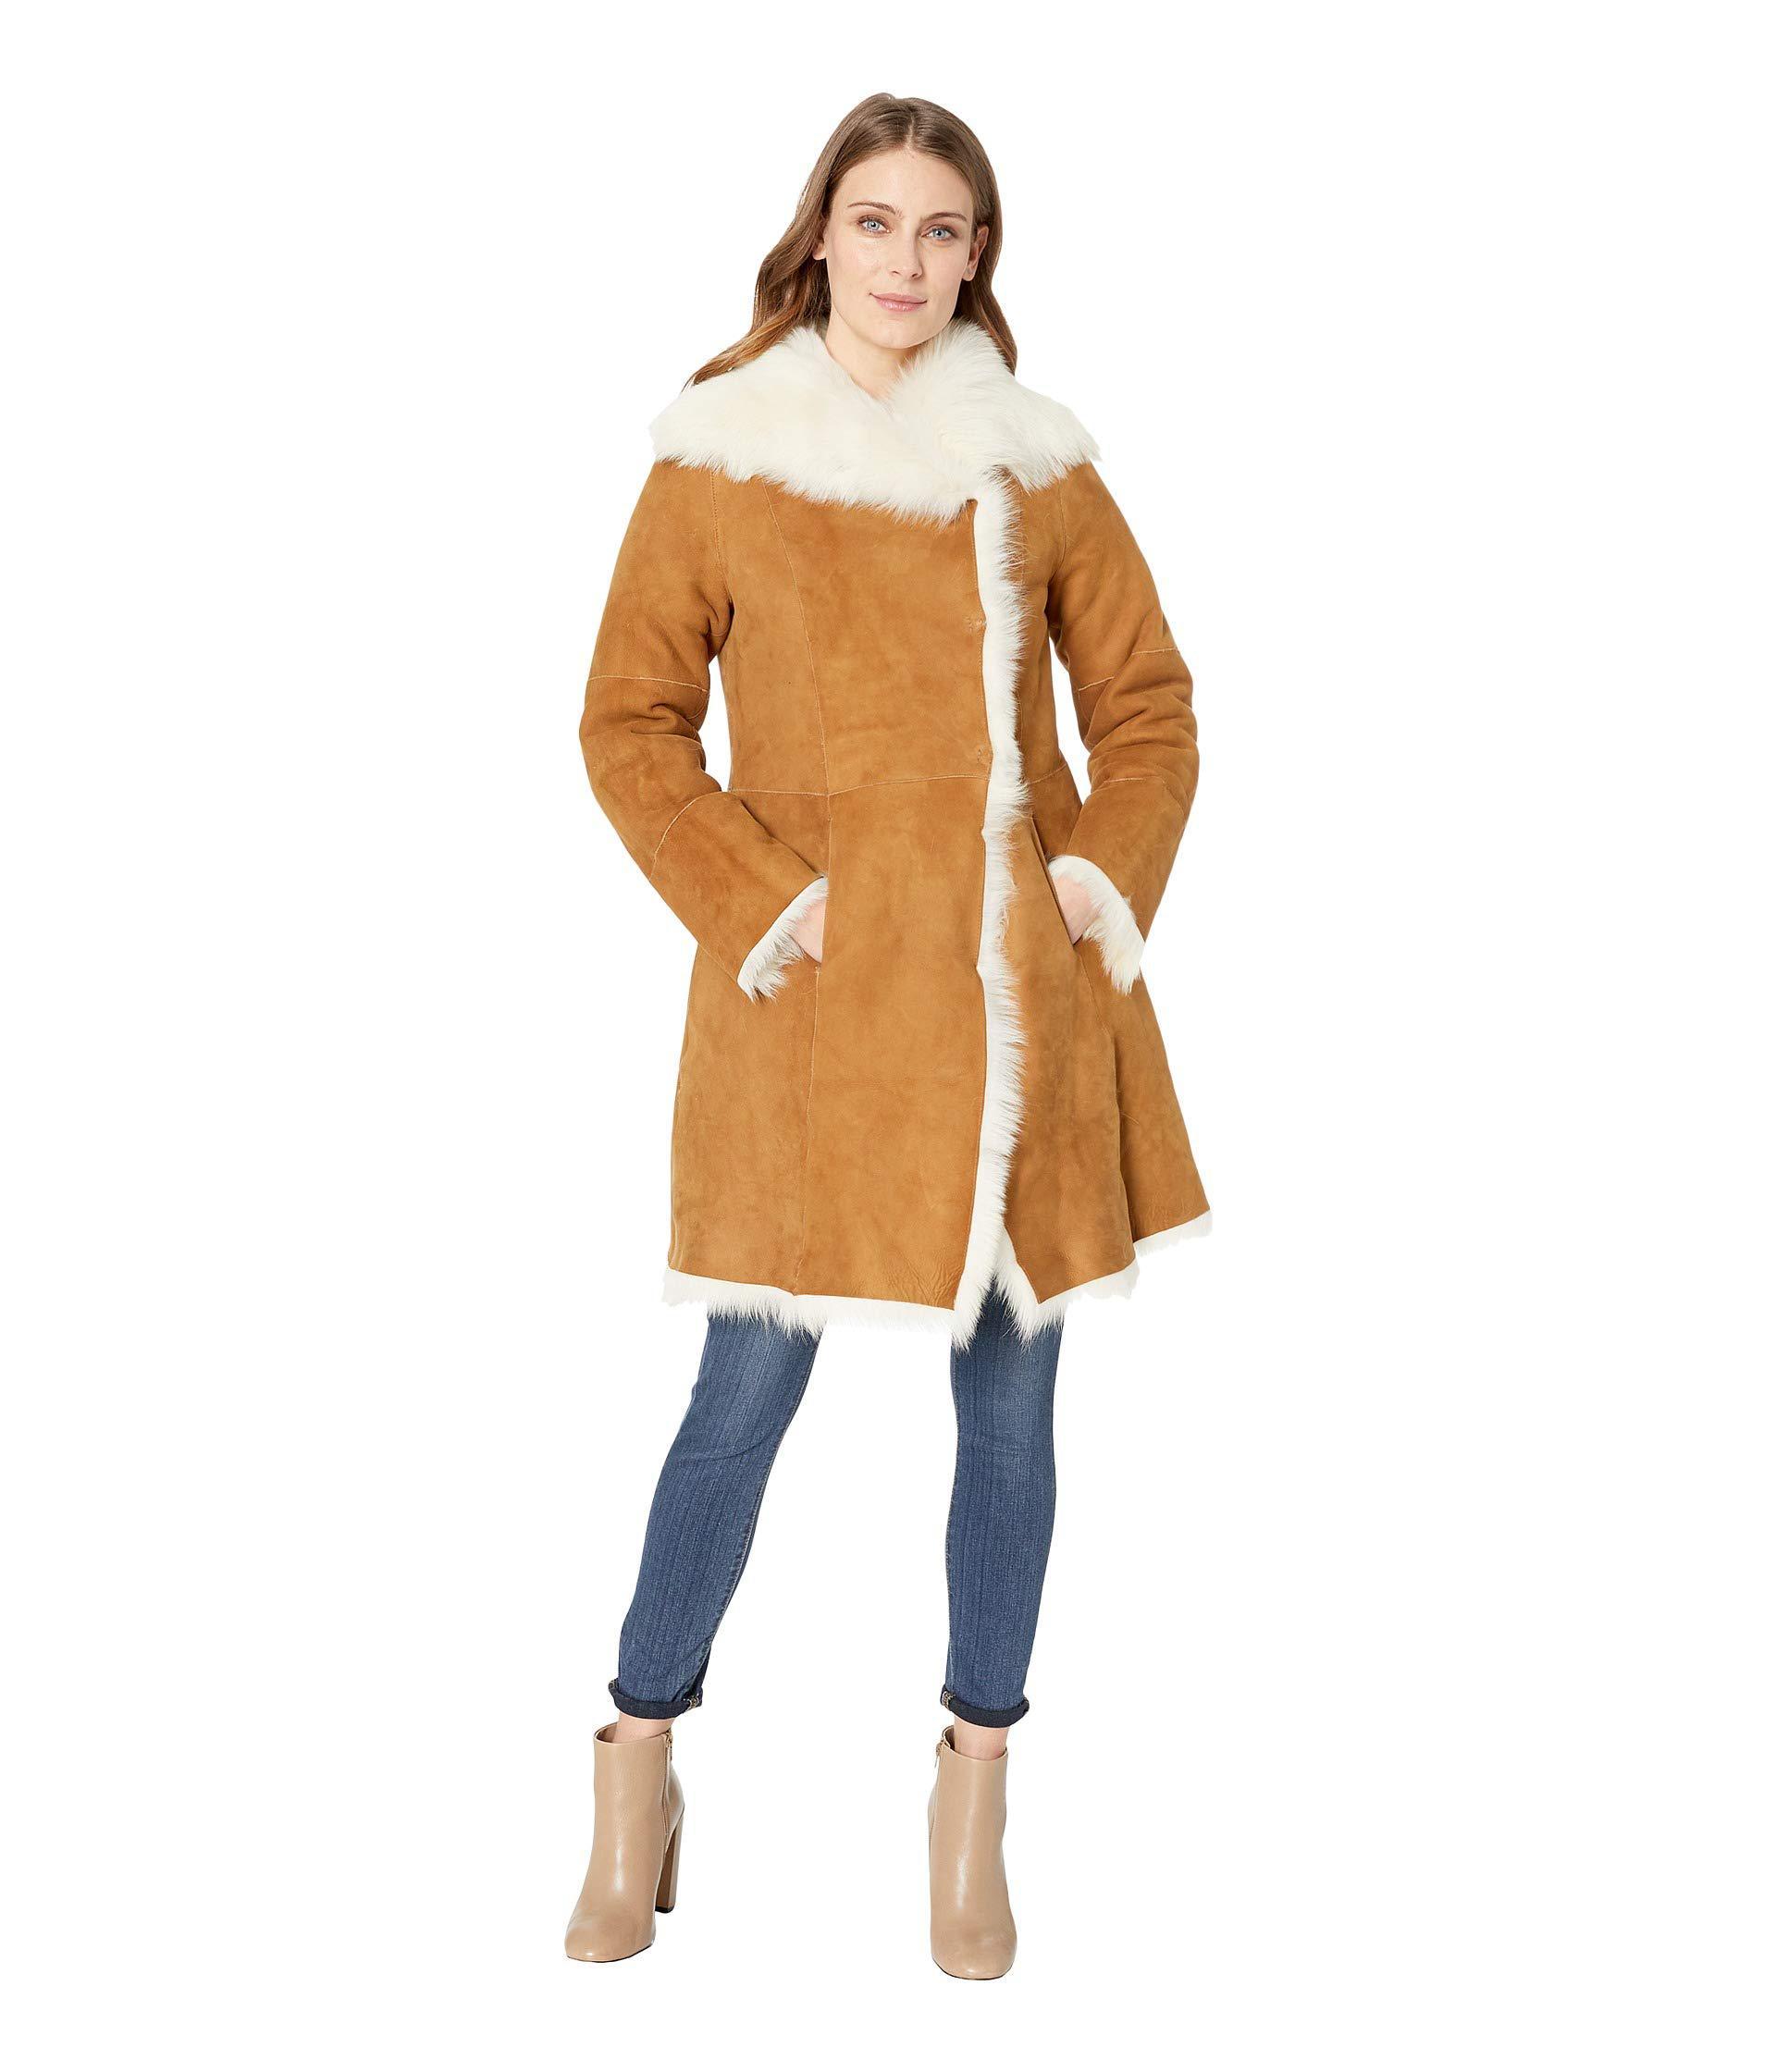 Ugg chestnut vanesa toscana shearling coat chestnut womens coat jpg  1920x2240 Ugg shearling coat for women 2d7ef1e57